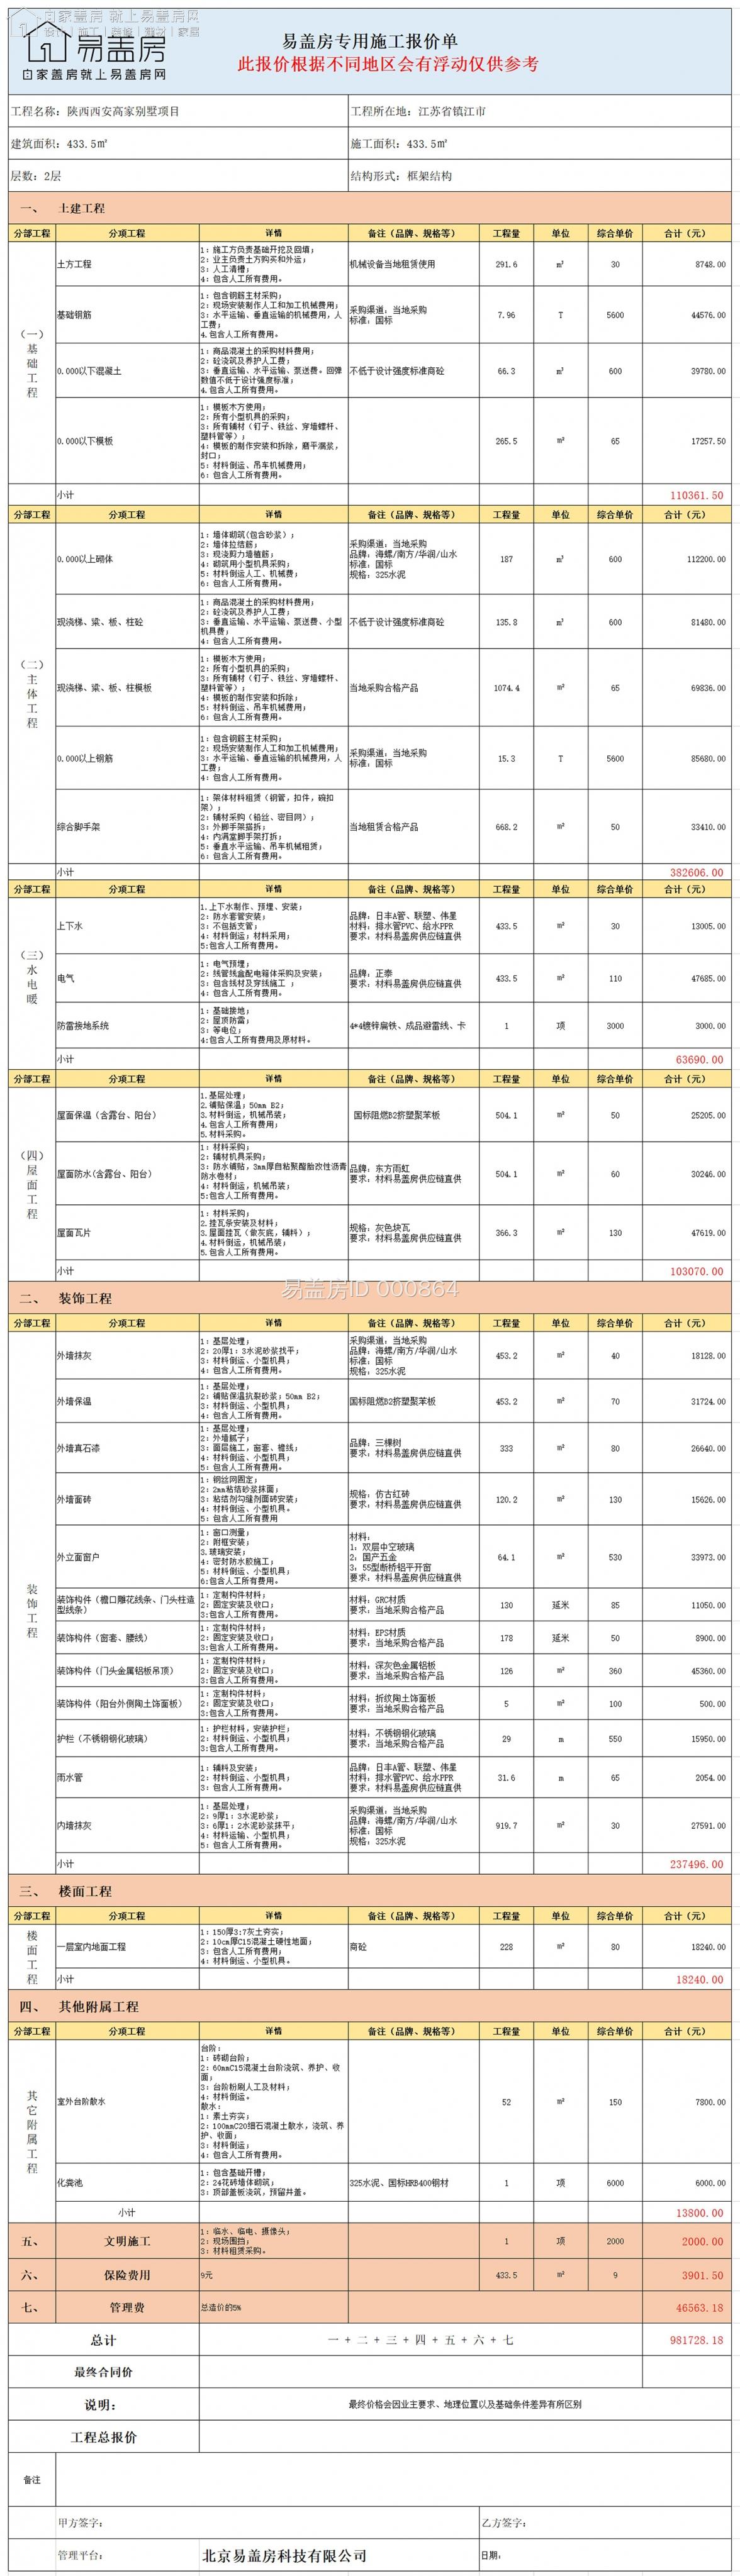 图纸  ID  864百城计划陕西西安高先生项目信息对接陈伟东_00.jpg